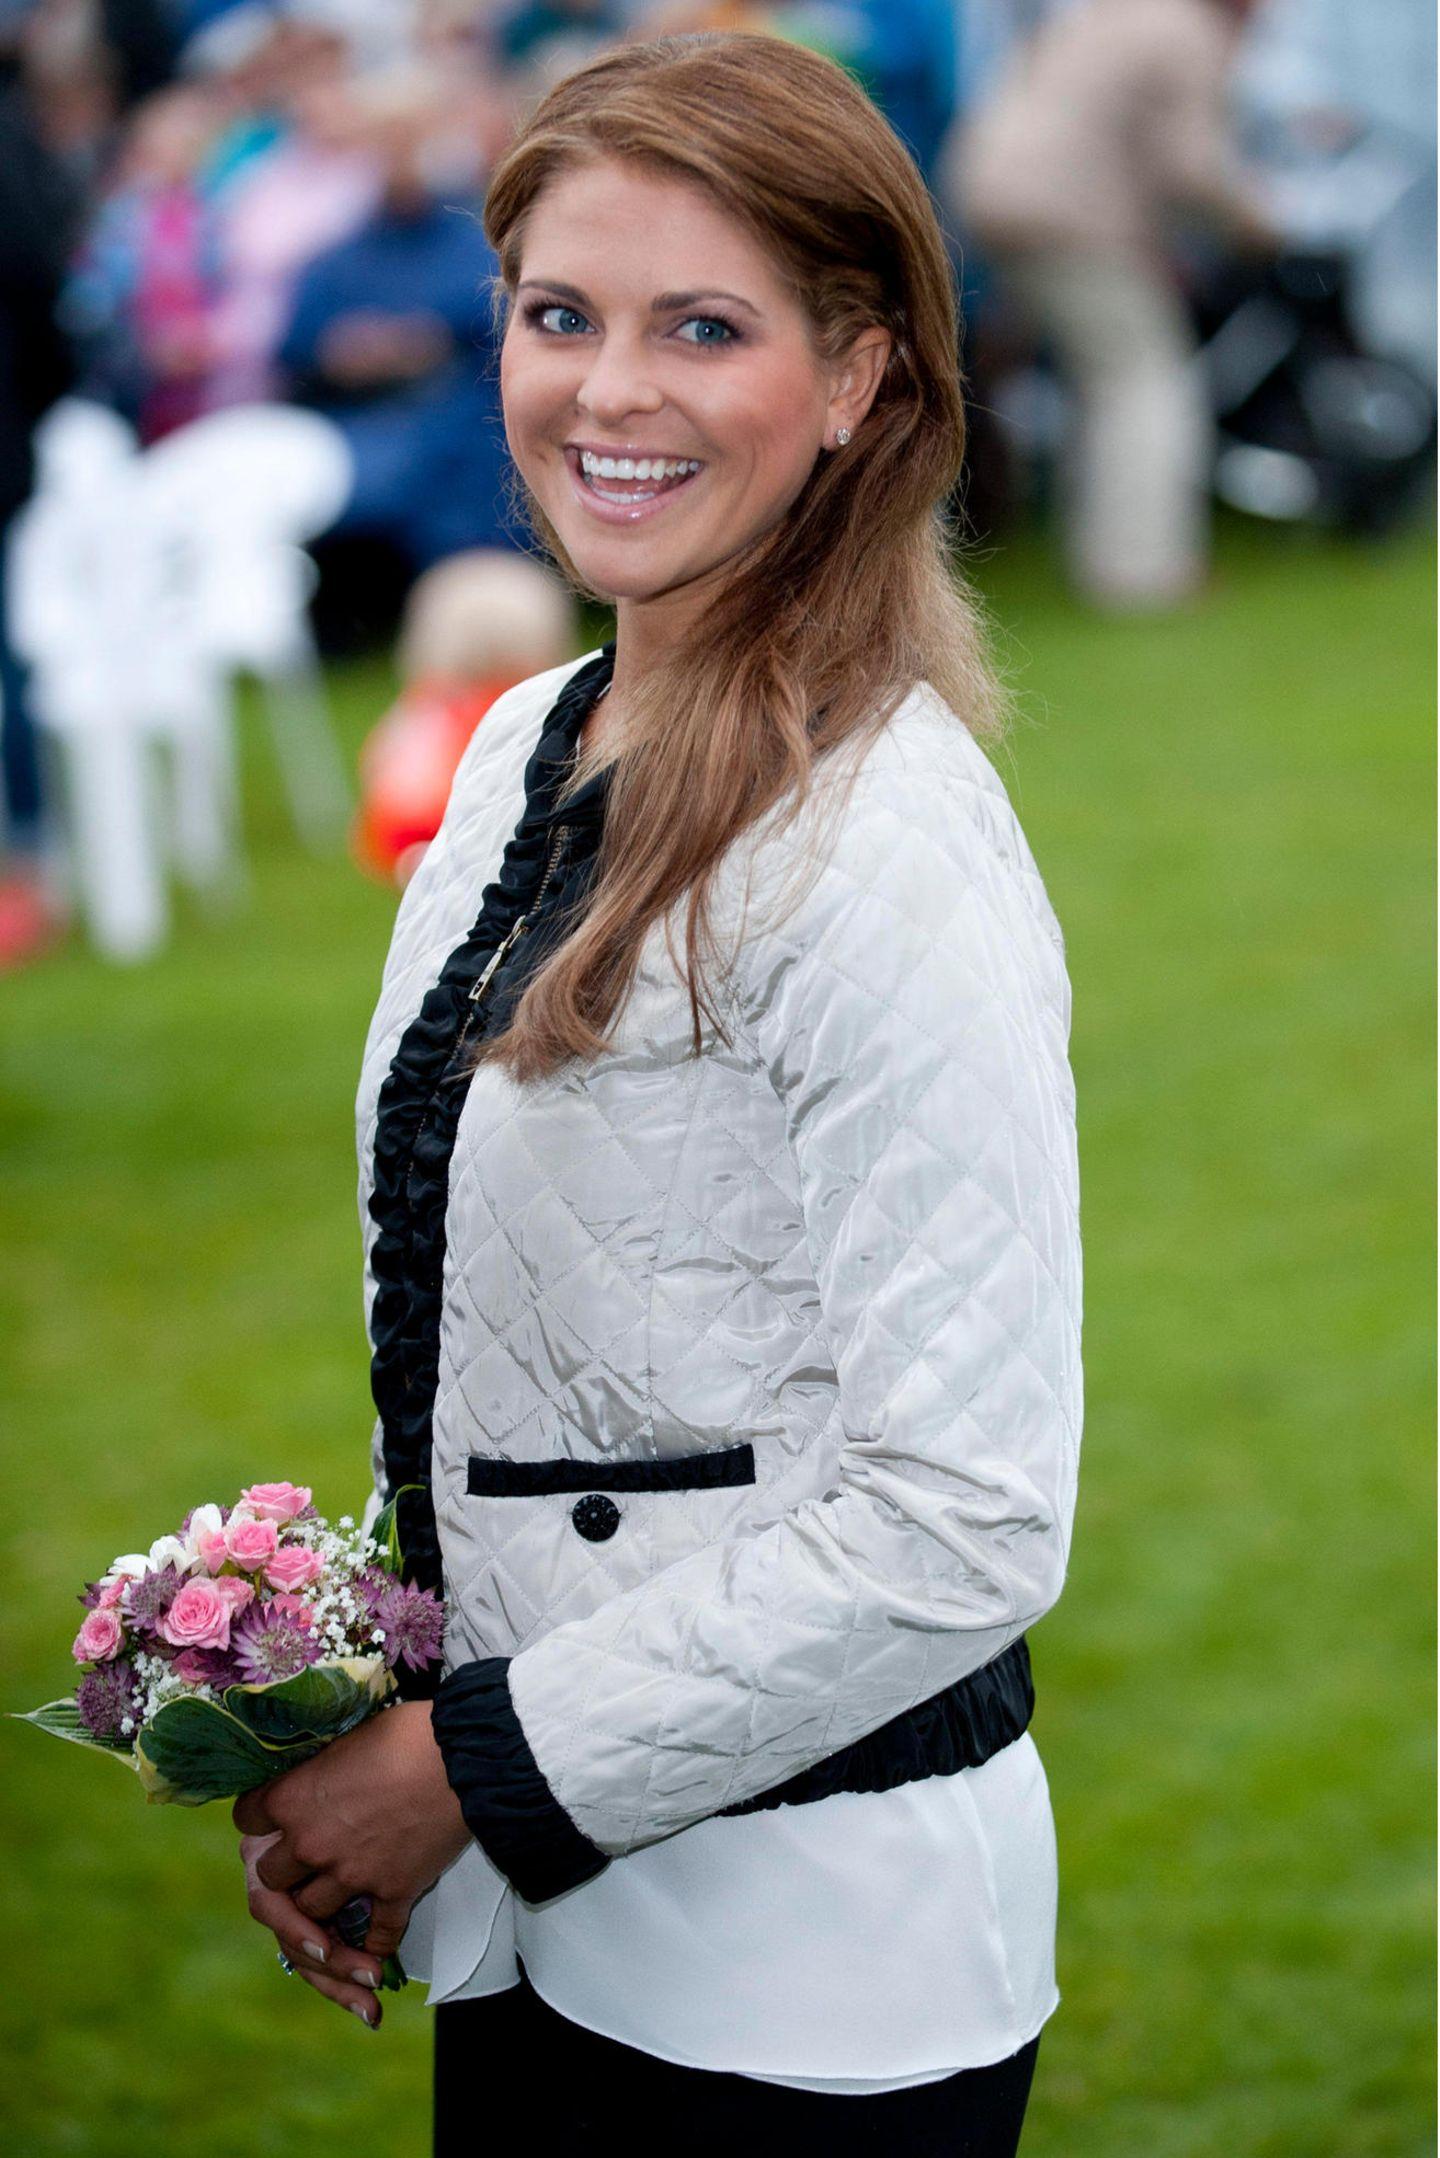 Zum ersten Mal wurde diese Jacke von Prinzessin Madeleine beim Victoriatag 2011 getragen. Im Zuge der Coronakrise hat Königin Silviaihre jüngste Tochterseit Dezember 2019 nicht mehr gesehen, vielleicht möchte sie ihr mit dieser Jacke eine süße Botschaft senden und ihr mitteilen, dass an sie gedacht wird.